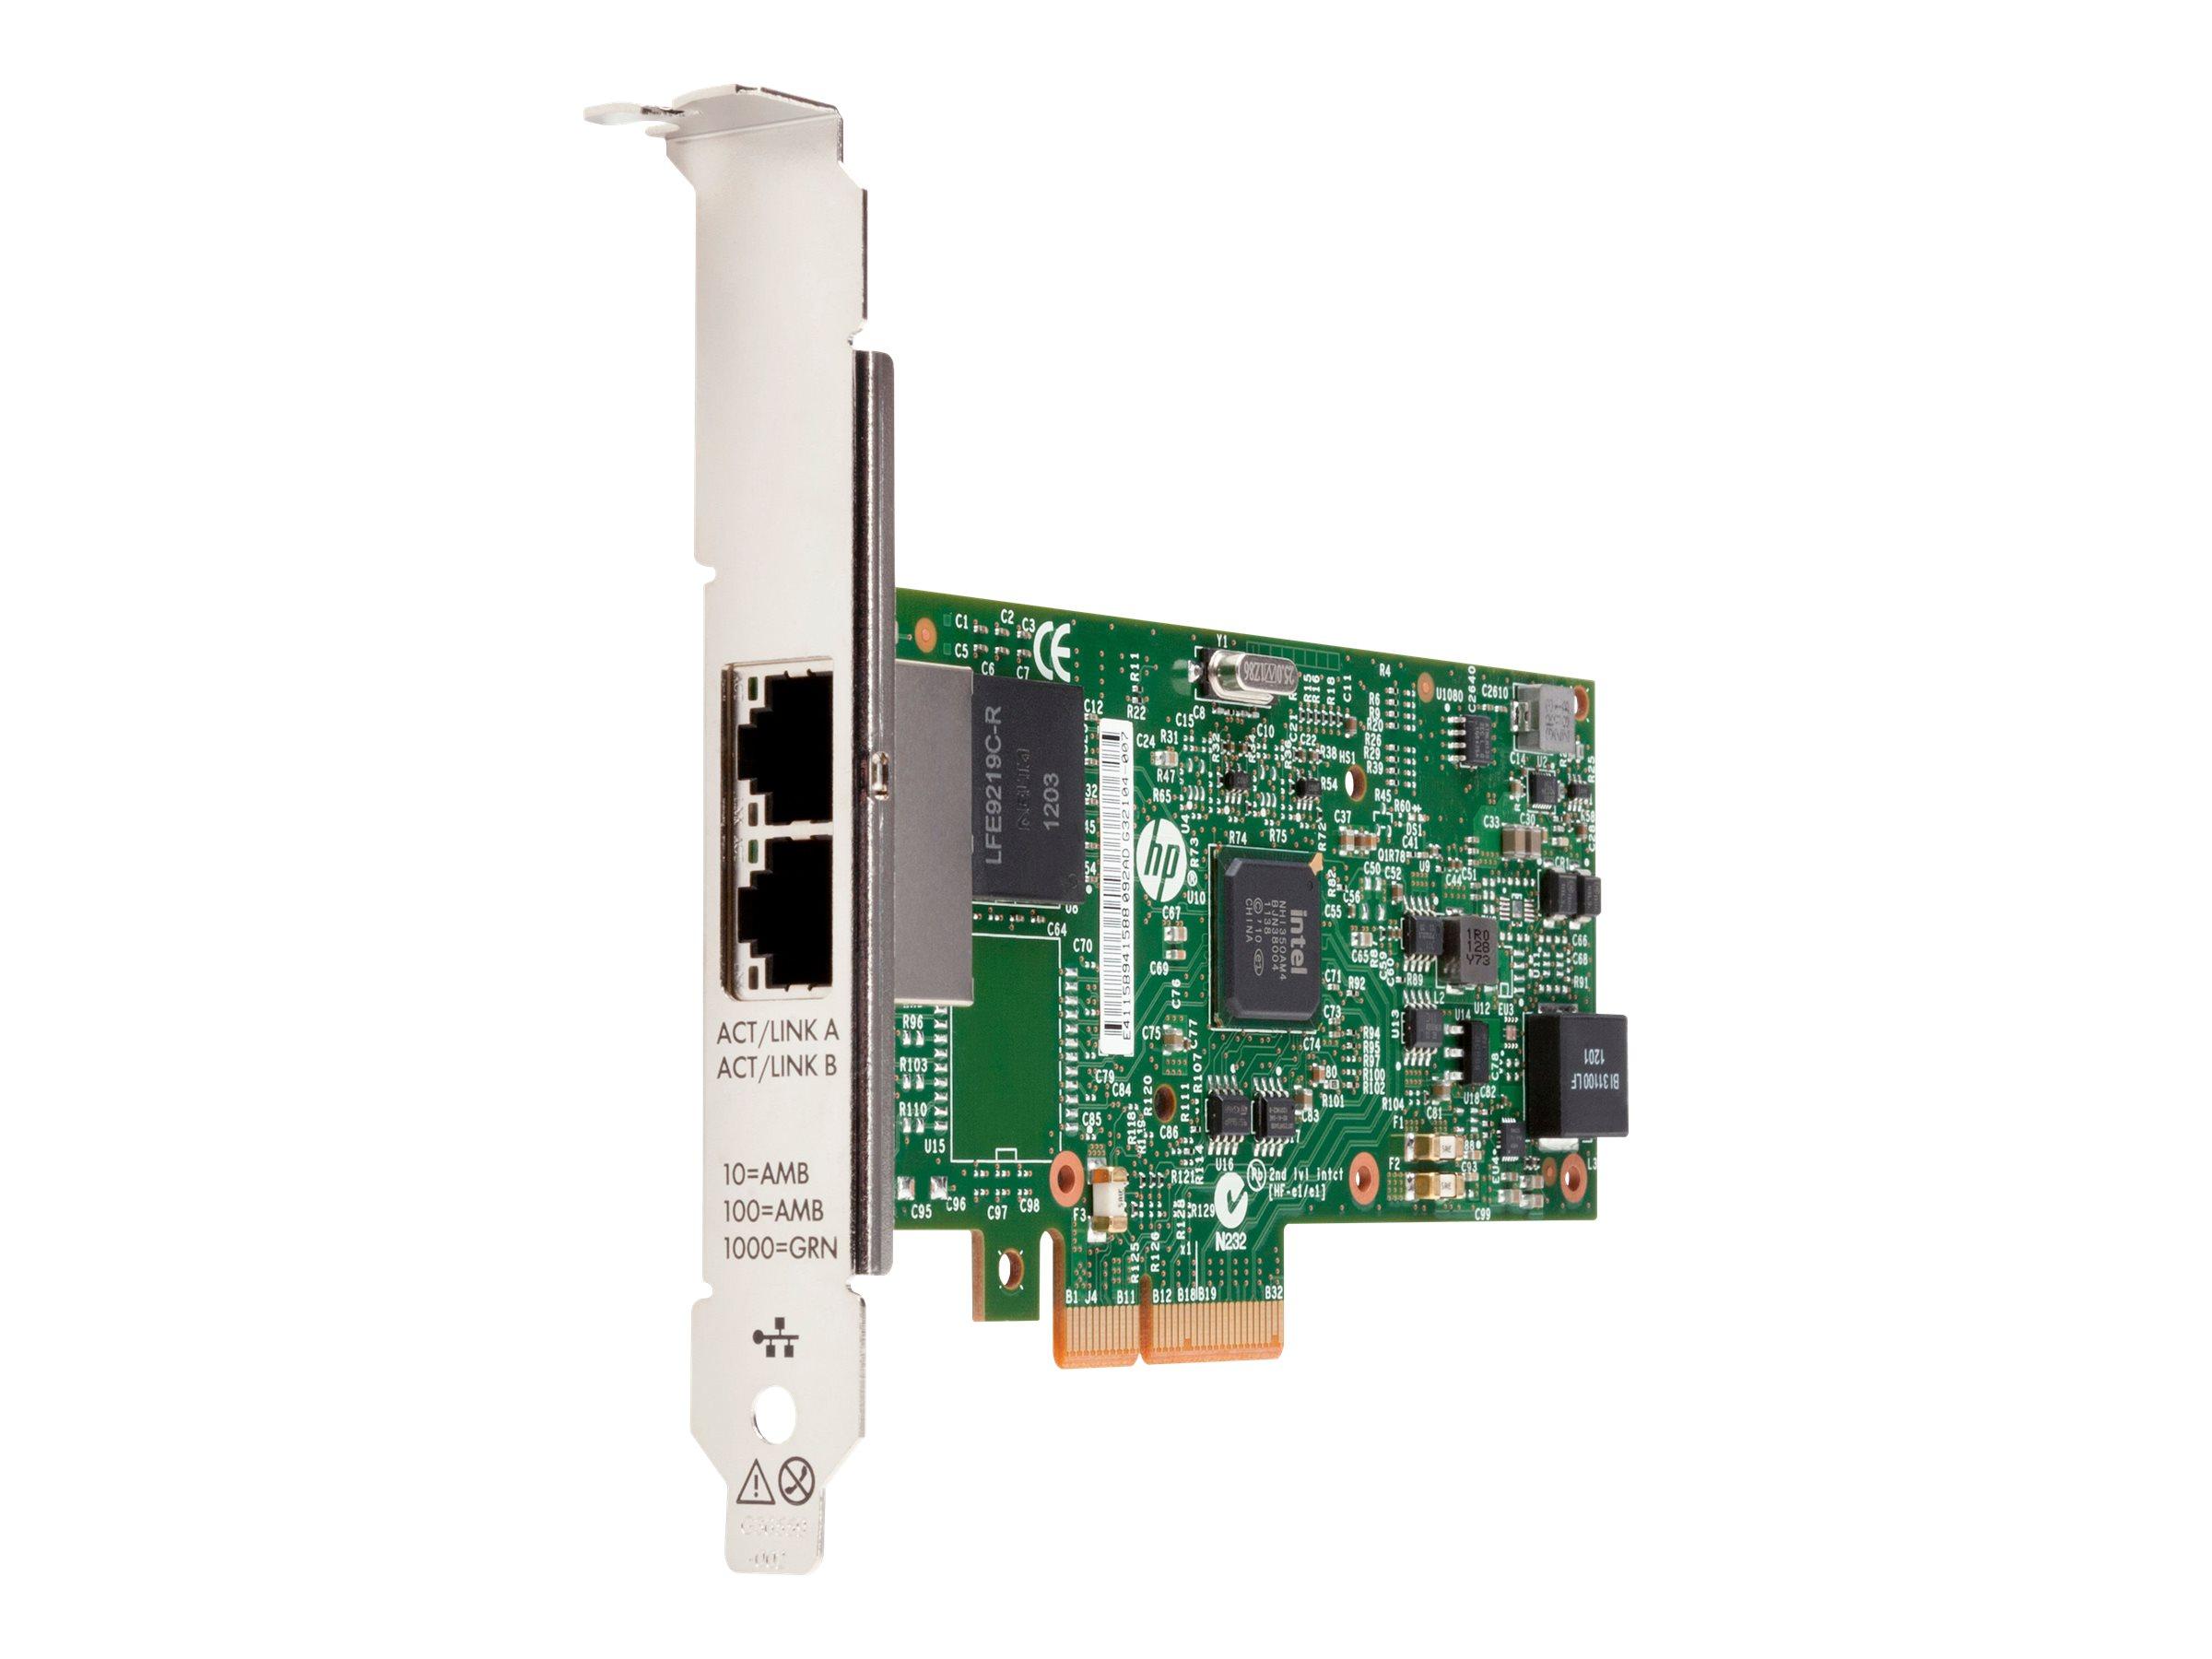 HP 361T - Netzwerkadapter - PCIe 2.1 x4 Low-Profile - Gigabit Ethernet x 2 - für Workstation Z220, Z420, Z620, Z820